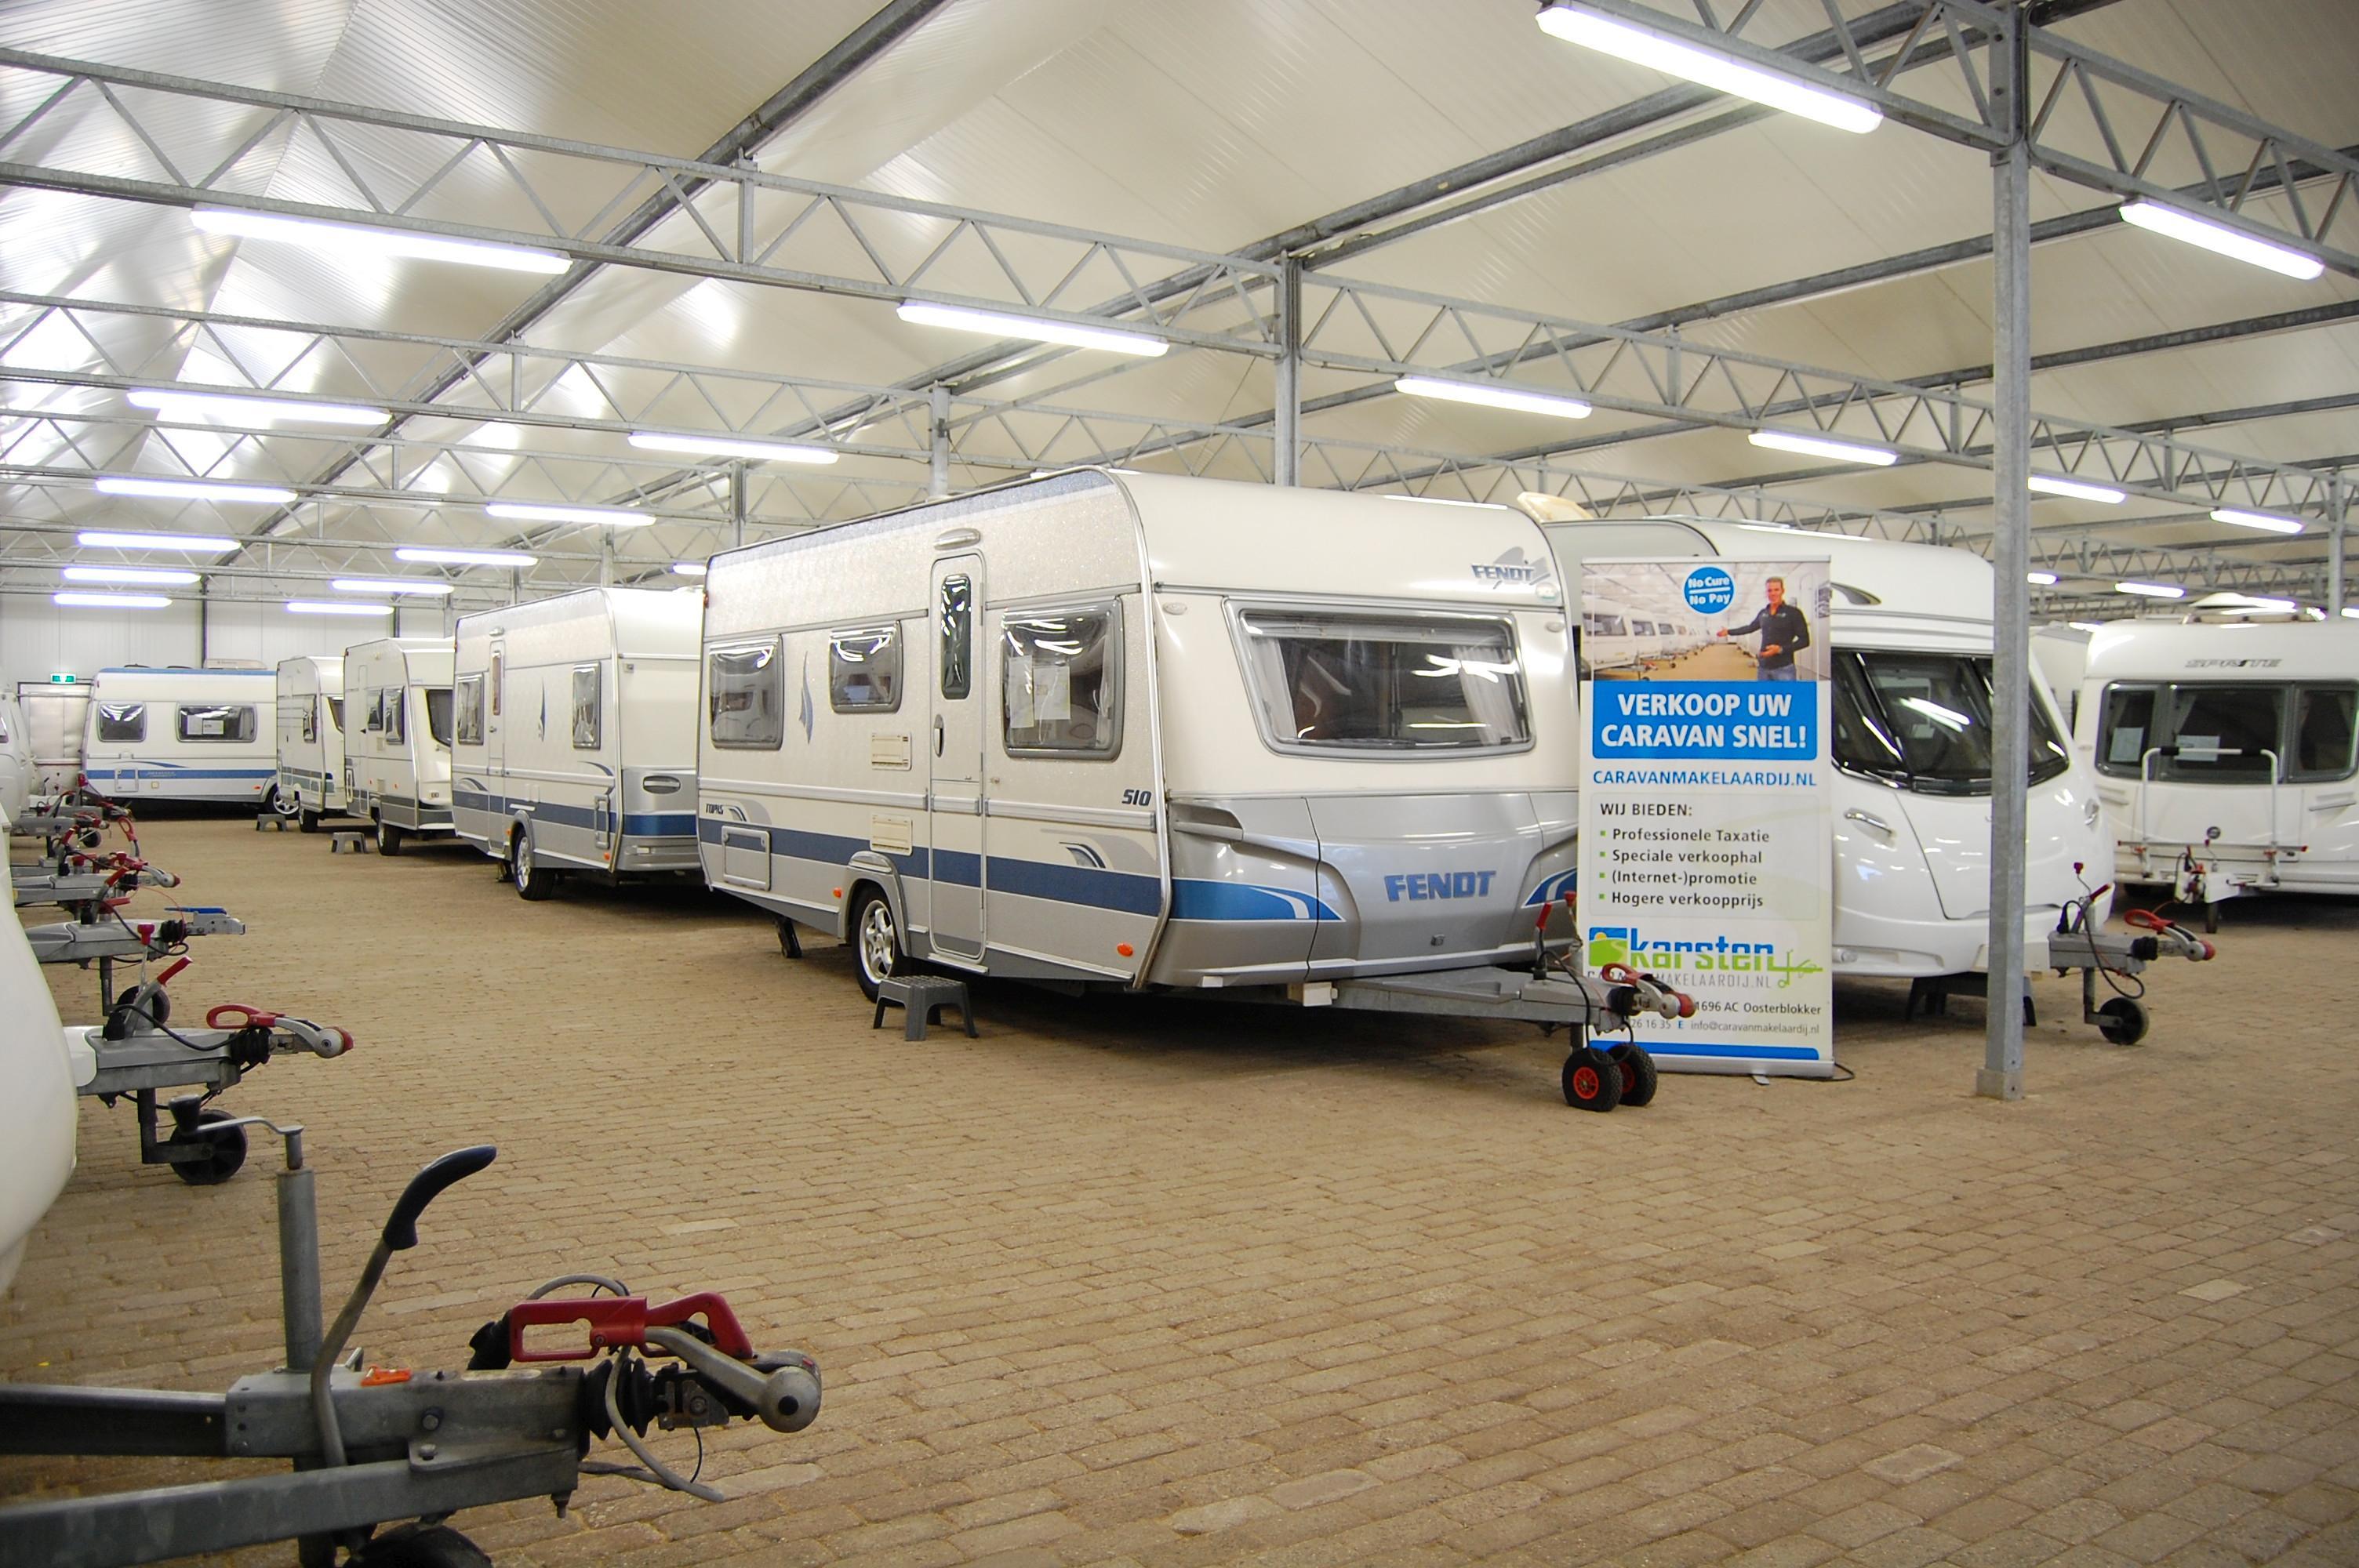 stalling en caravan verkoophal